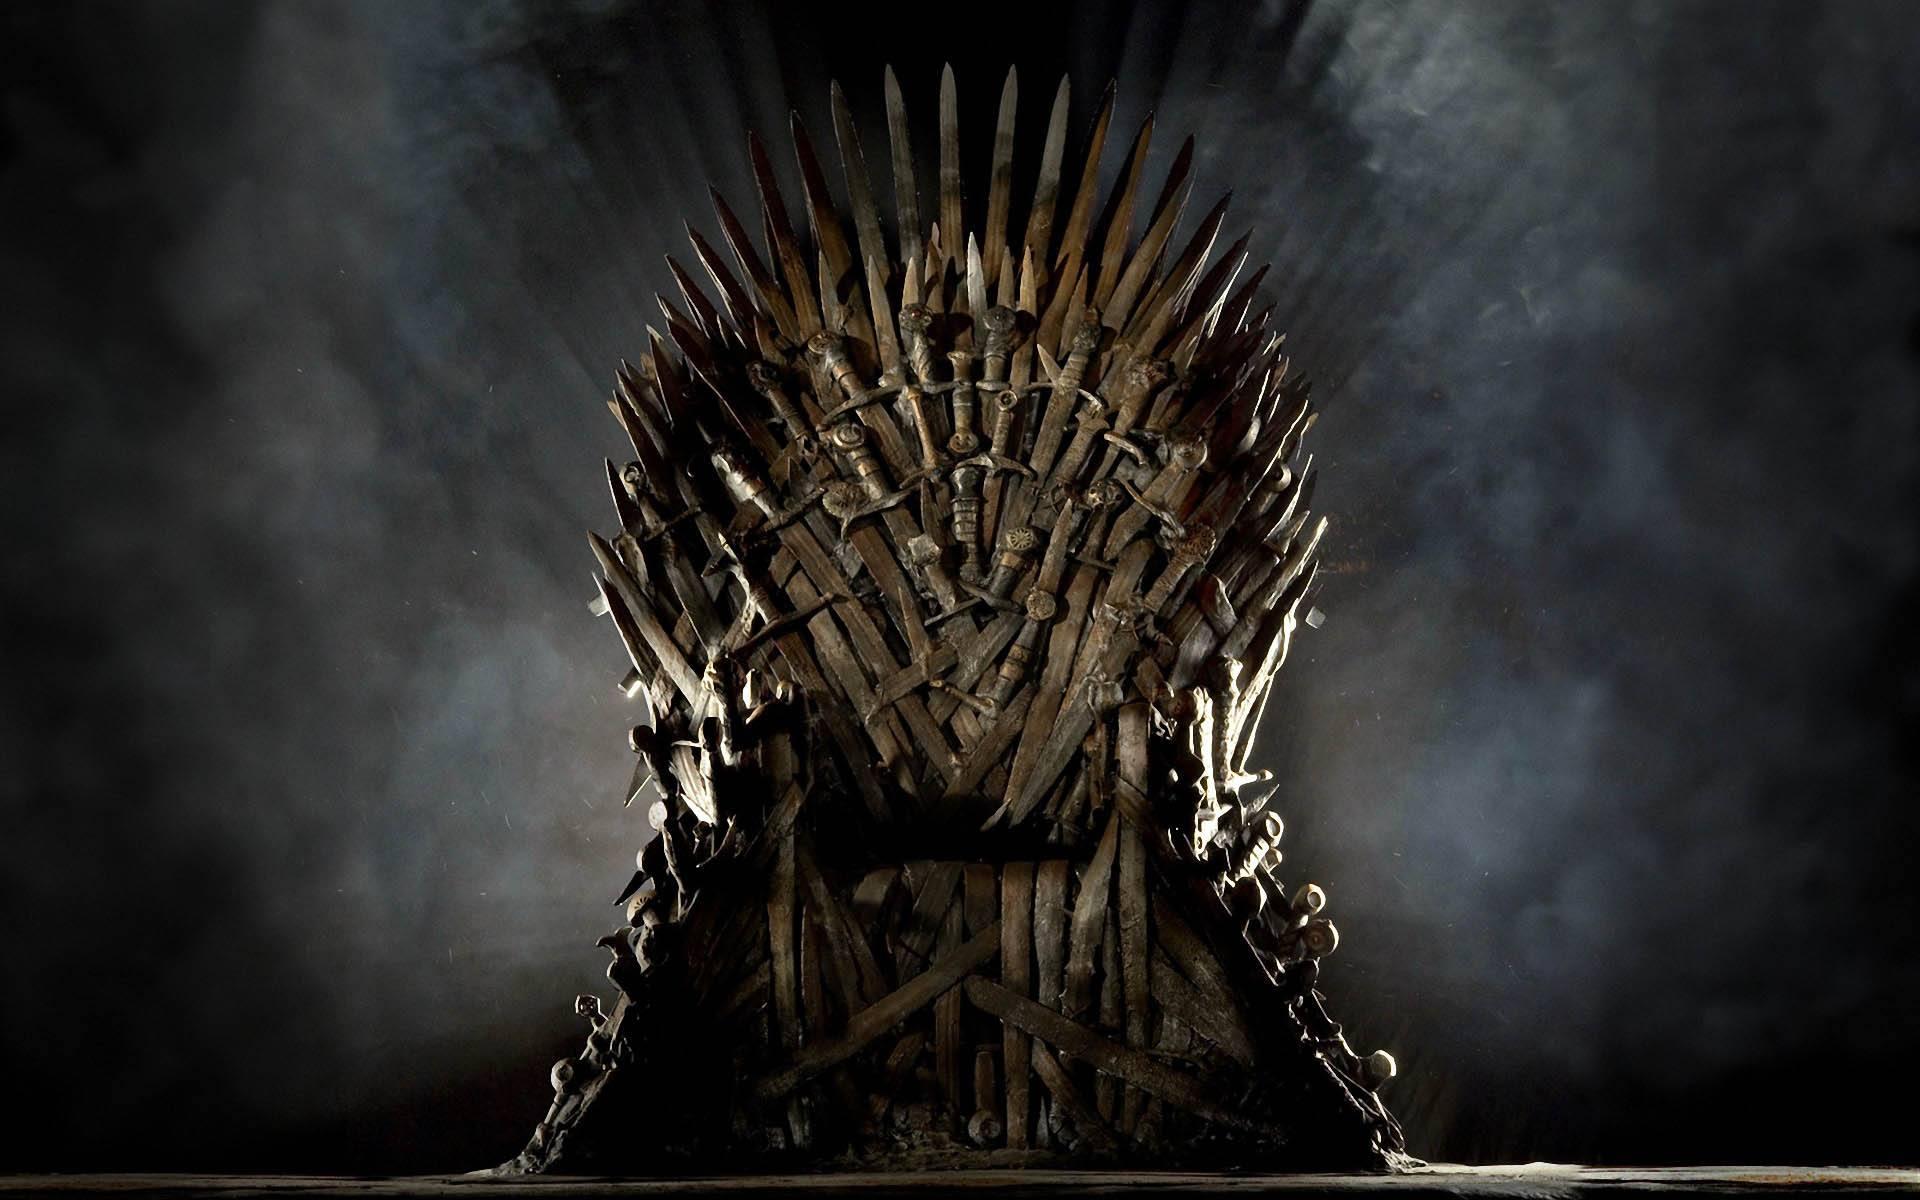 George R.R Martin dice que el último libro no llegará a tiempo para la sexta temporada de Game of Thrones